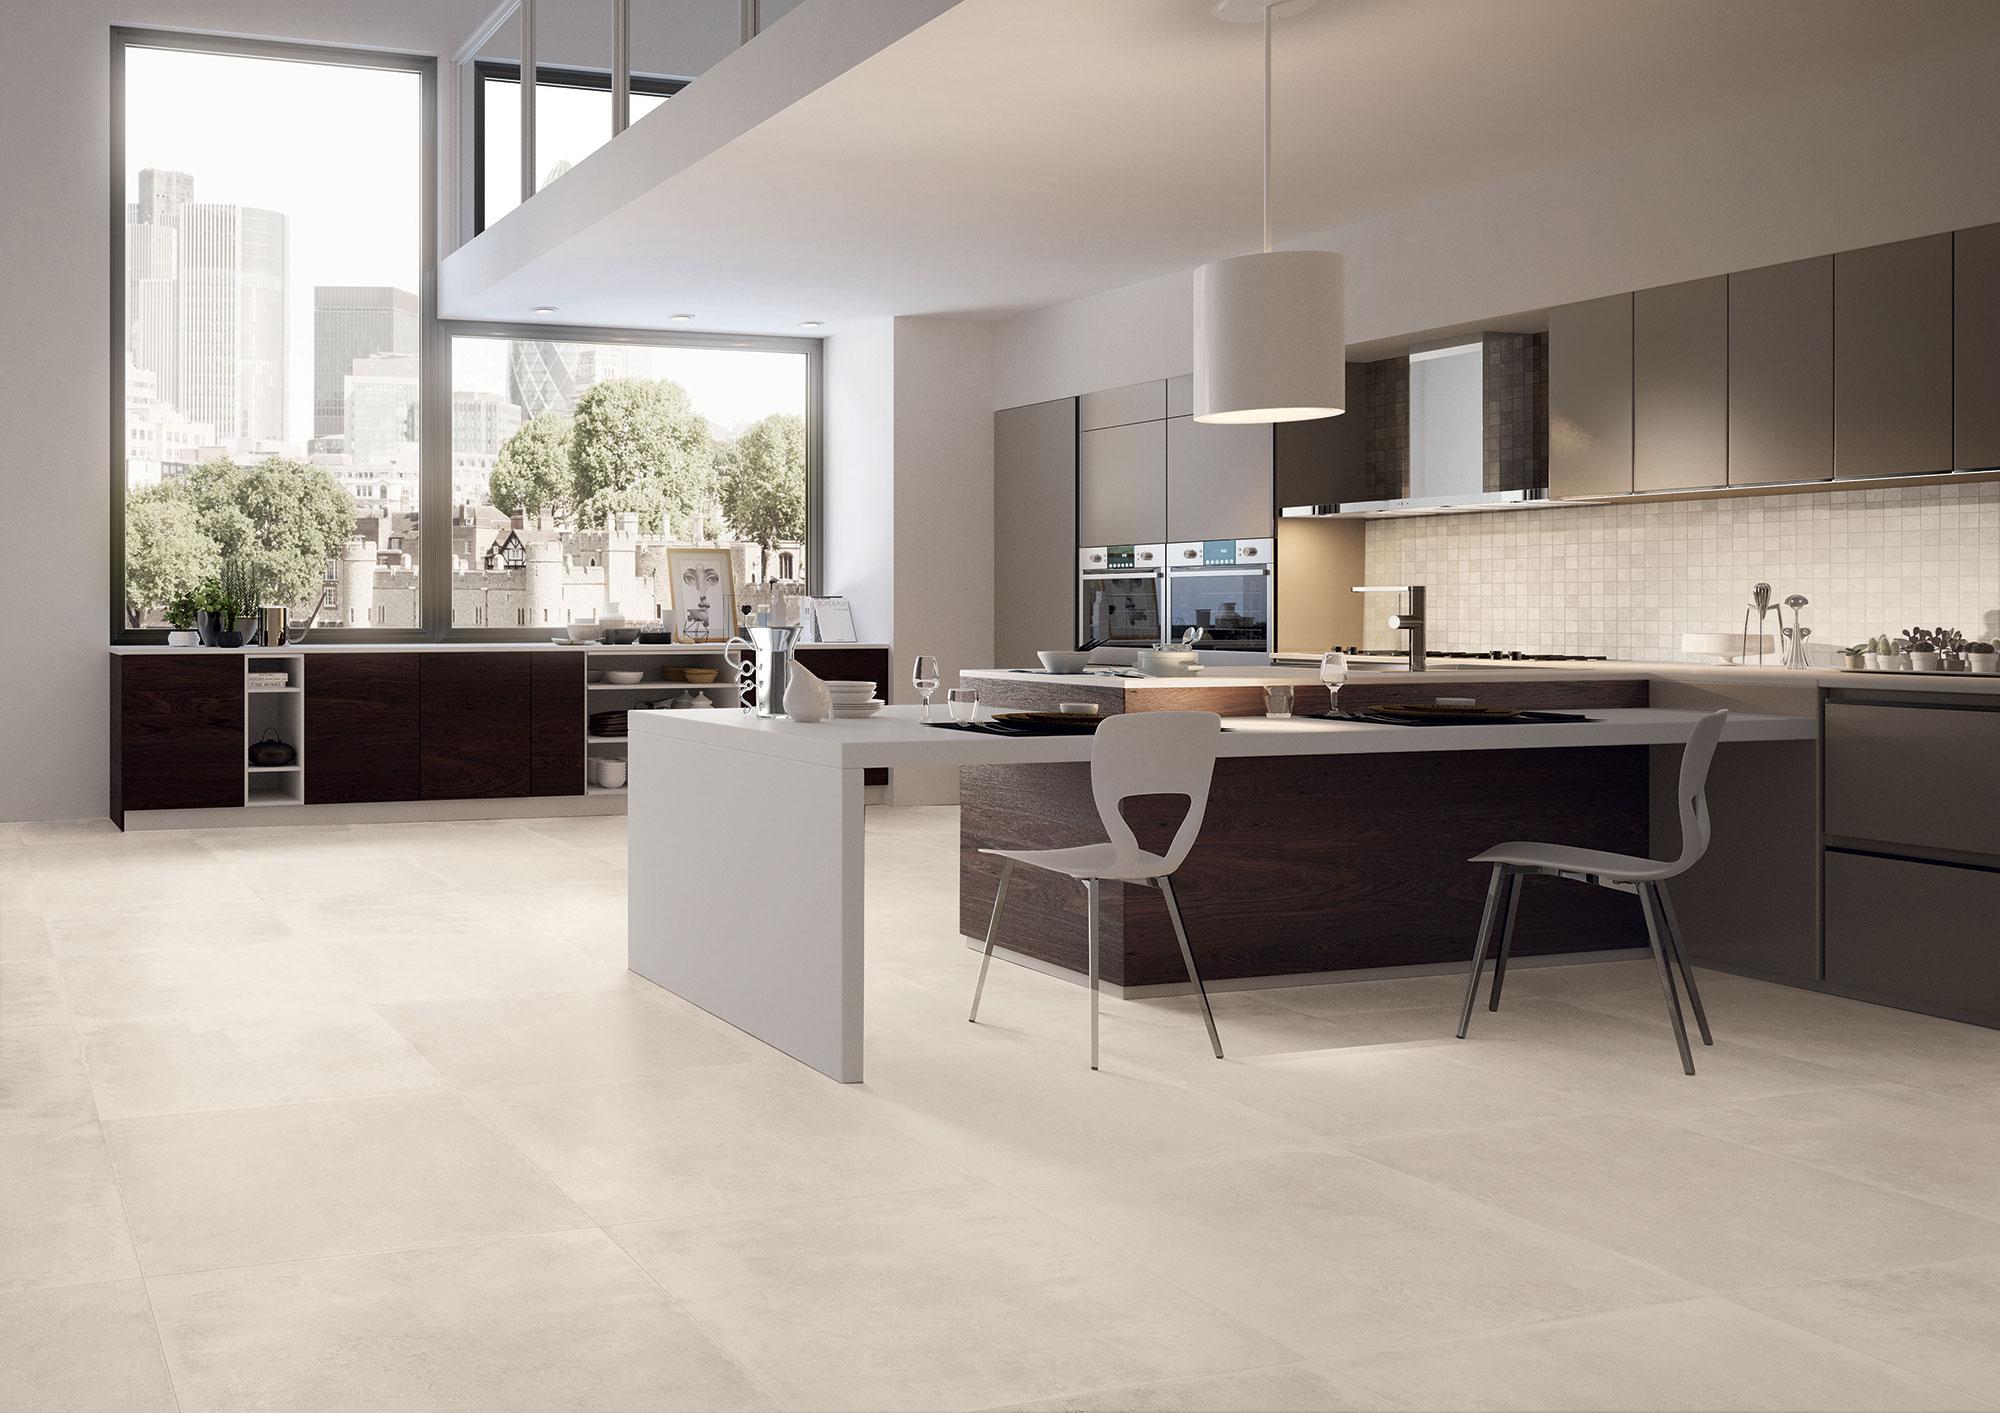 Petra White Mosaico Amb Cucina M2quare